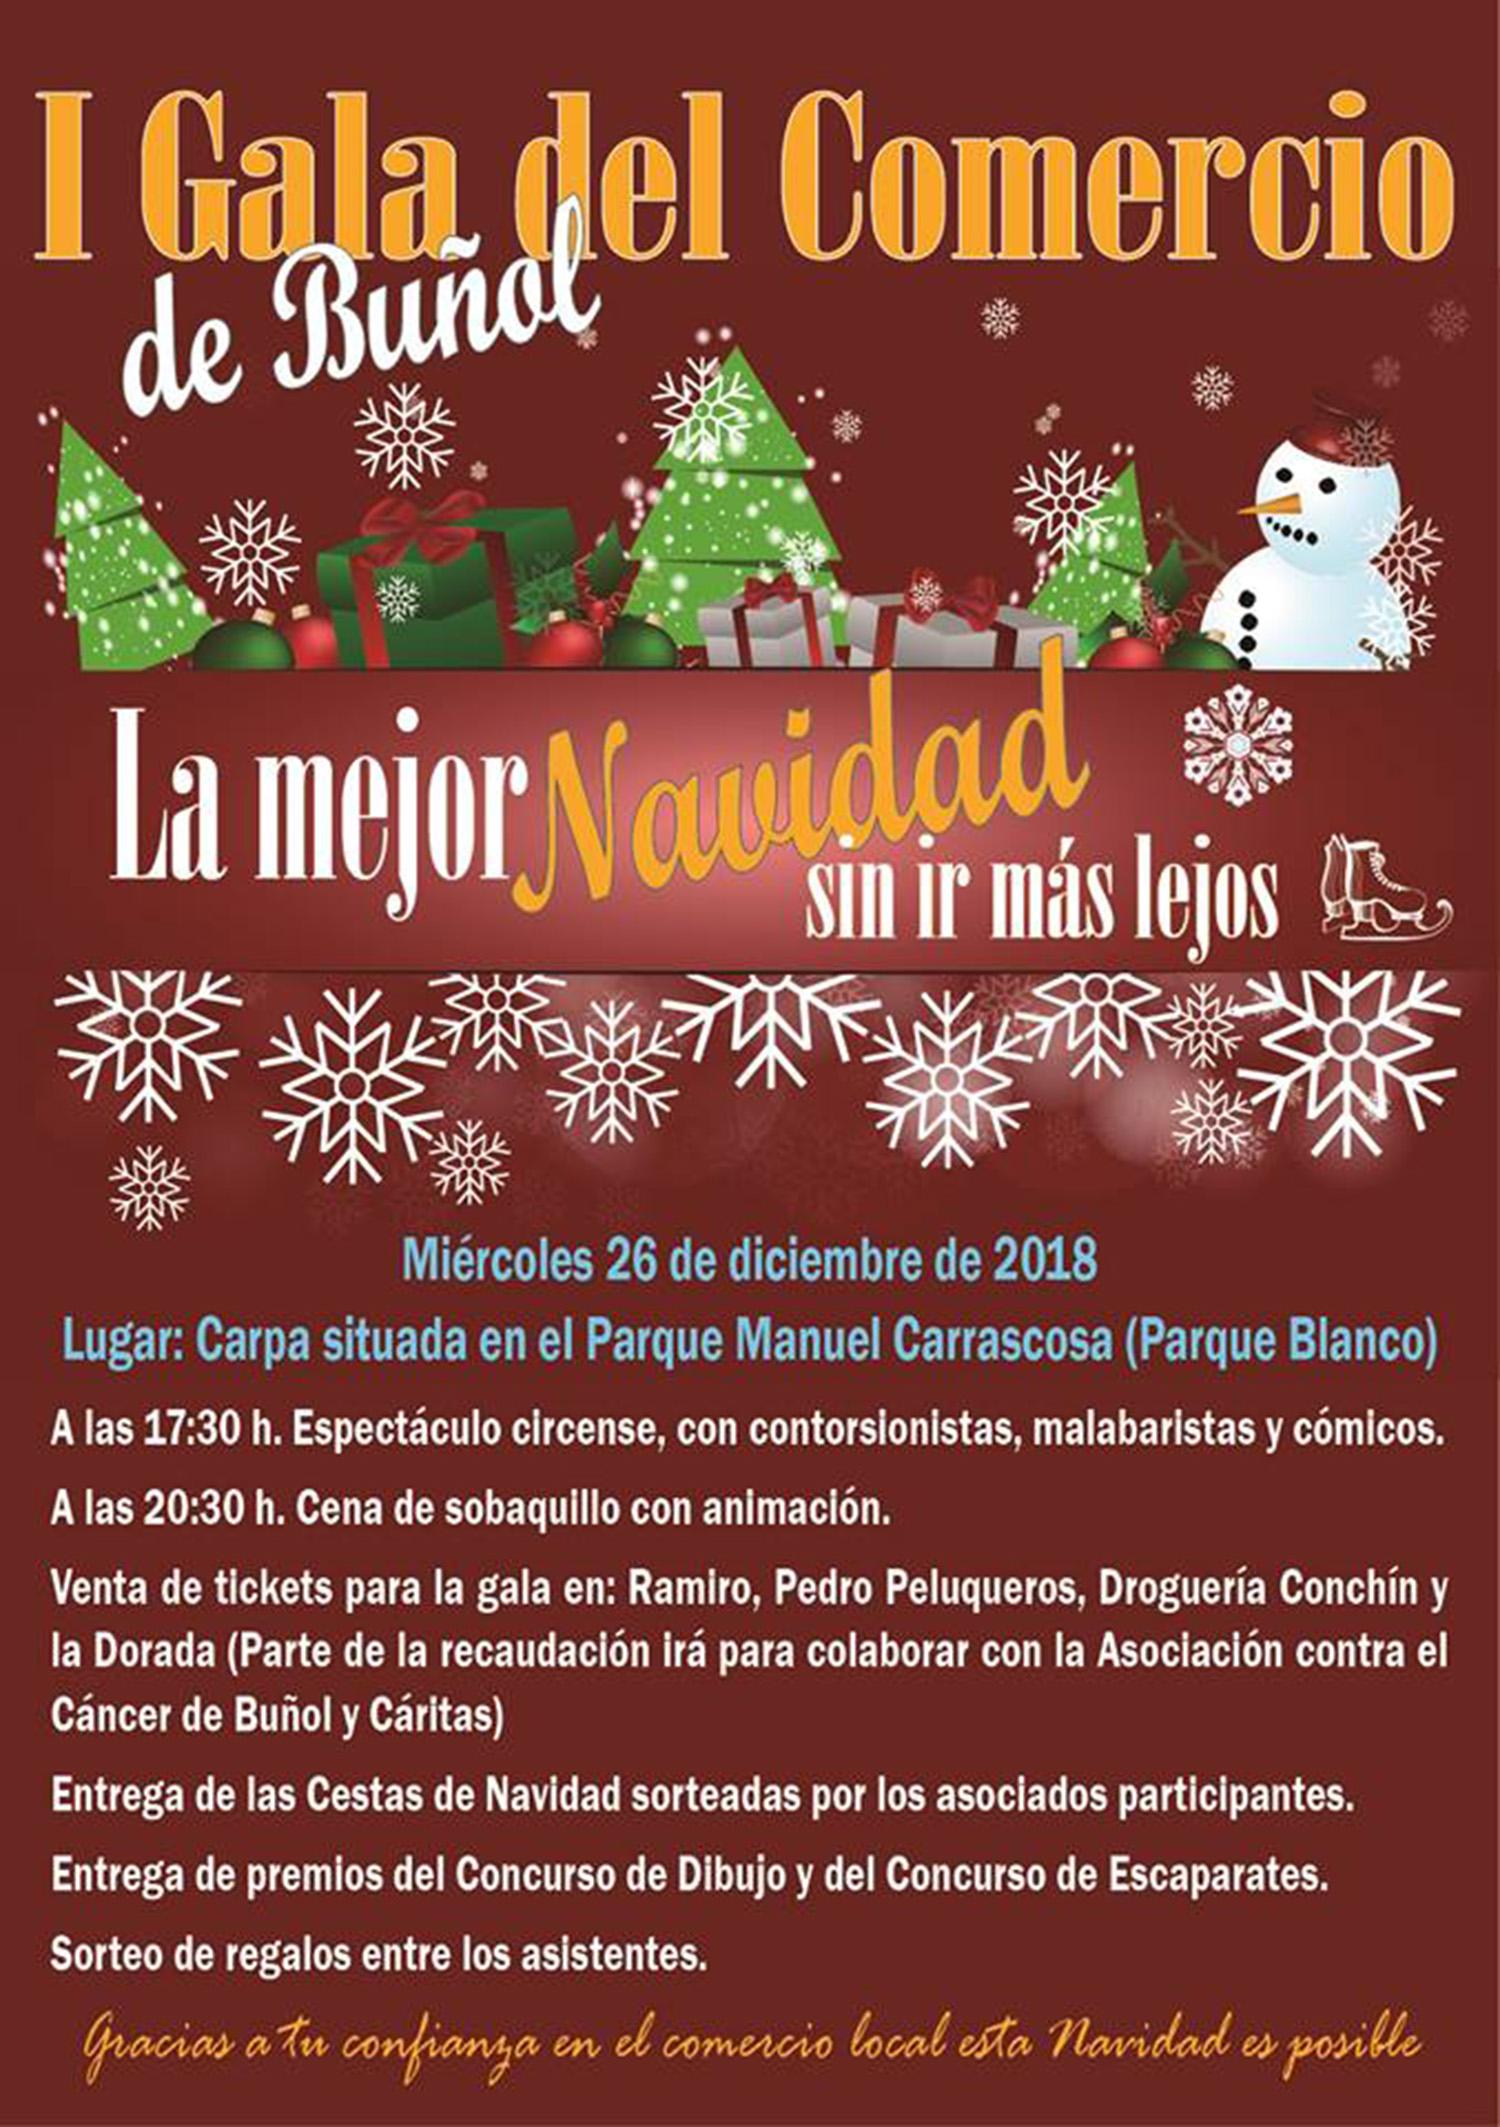 Cartel de la iniciativa en Buñol.